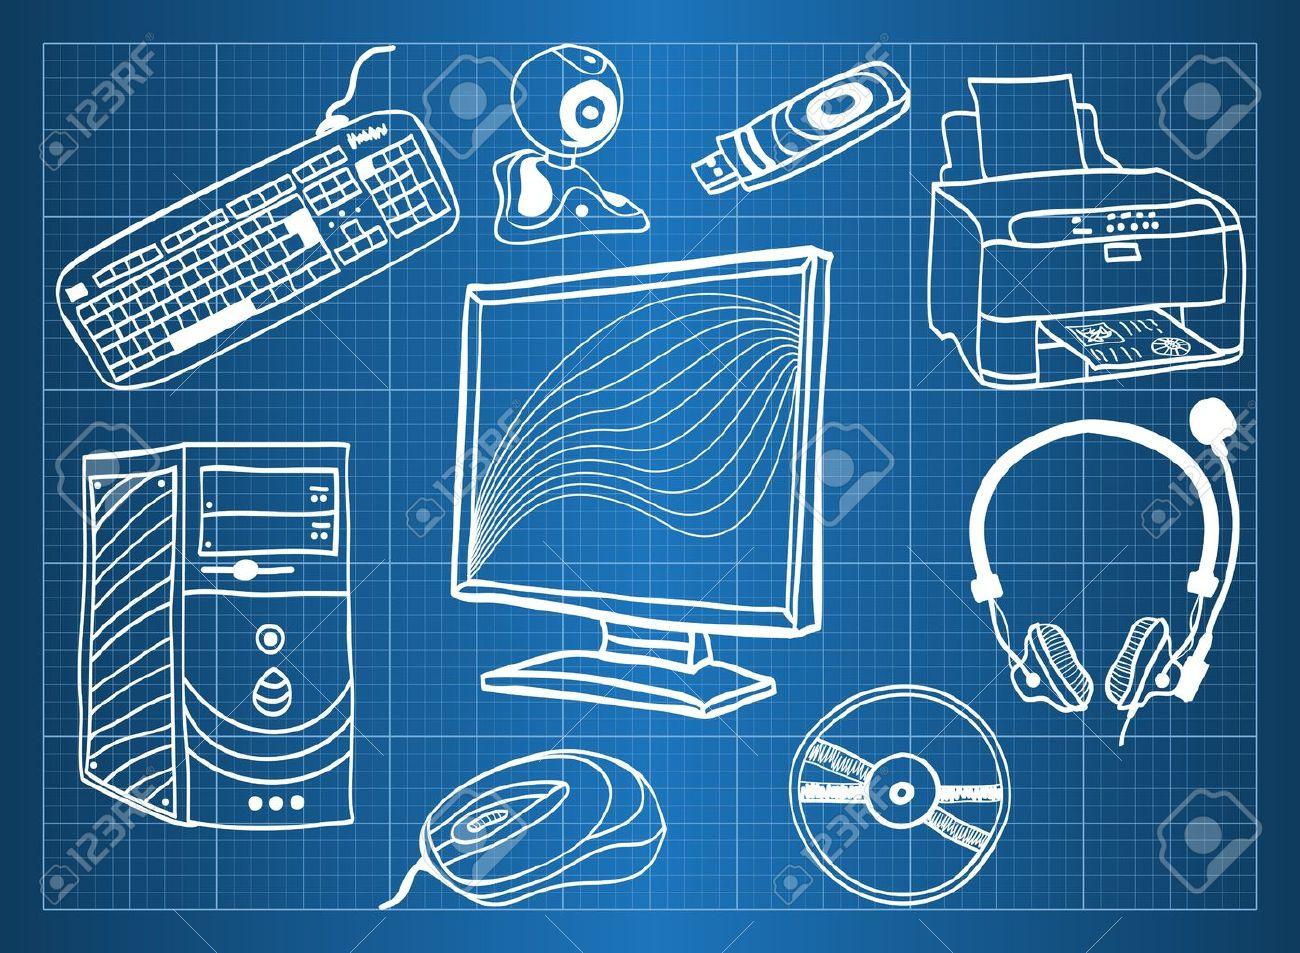 Blueprint Von Computer-Hardware - Peripheriegeräte, Sketch Stil ...